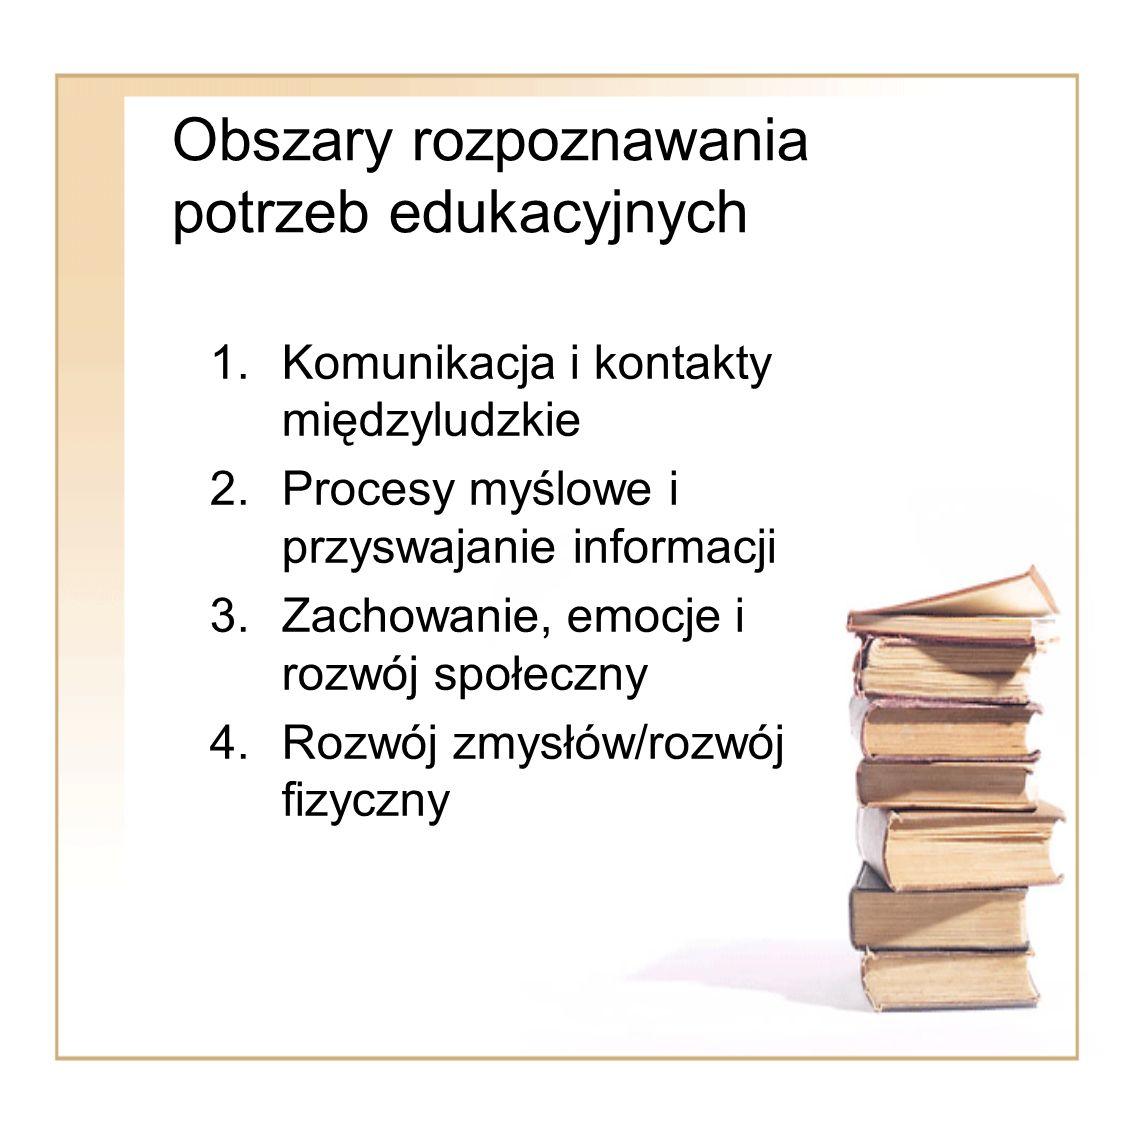 IPE - T formy i metody pracy z uczniem; formy, sposoby i okres udzielania uczniowi pomocy psychologiczno- pedagogicznej; wymiar godzin, w którym poszczególne formy pomocy będą realizowane; działania wspierające rodziców ucznia oraz zakres współdziałania z poradniami psychologiczno-pedagogicznymi ; zajęcia rewalidacyjne i resocjalizacyjne oraz inne zajęcia odpowiednie ze względu na indywidualne potrzeby edukacyjne i rozwojowe oraz możliwości psychofizyczne uczniów, zakres współpracy nauczycieli i specjalistów z rodzicami uczniów w realizacji zadań,